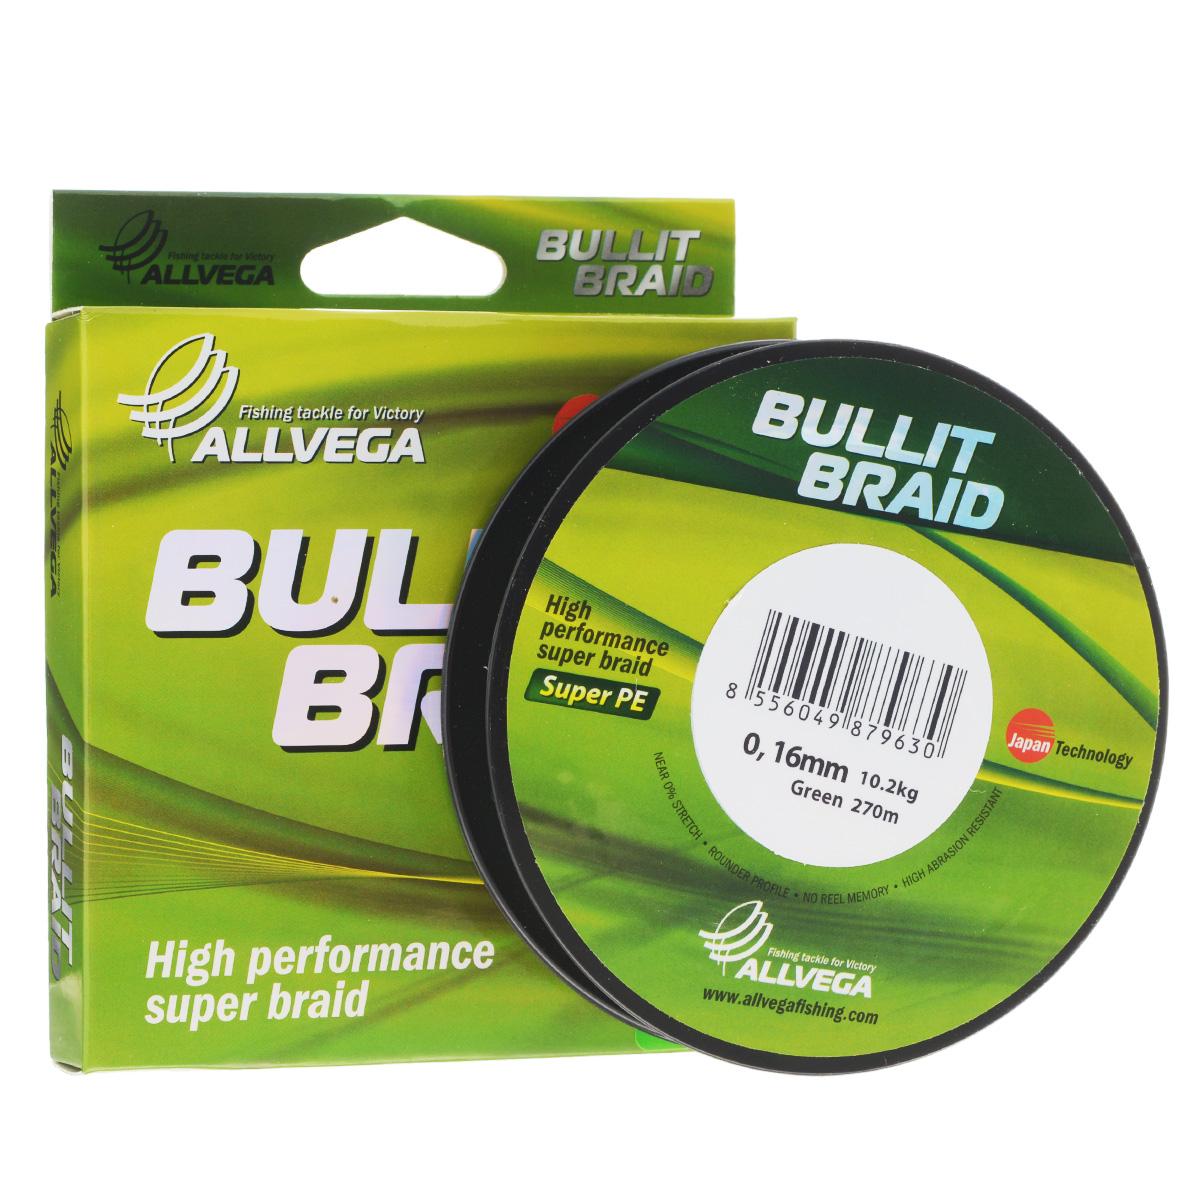 Леска плетеная Allvega Bullit Braid, цвет: темно-зеленый, 270 м, 0,16 мм, 10,2 кг25828Леска Allvega Bullit Braid с гладкой поверхностью и одинаковым сечением по всей длине обладает высокой износостойкостью. Благодаря микроволокнам полиэтилена (Super PE) леска имеет очень плотное плетение и не впитывает воду. Леску Allvega Bullit Braid можно применять в любых типах водоемов. Особенности: повышенная износостойкость; высокая чувствительность - коэффициент растяжения близок к нулю; отсутствует память; идеально гладкая поверхность позволяет увеличить дальность забросов; высокая прочность шнура на узлах.